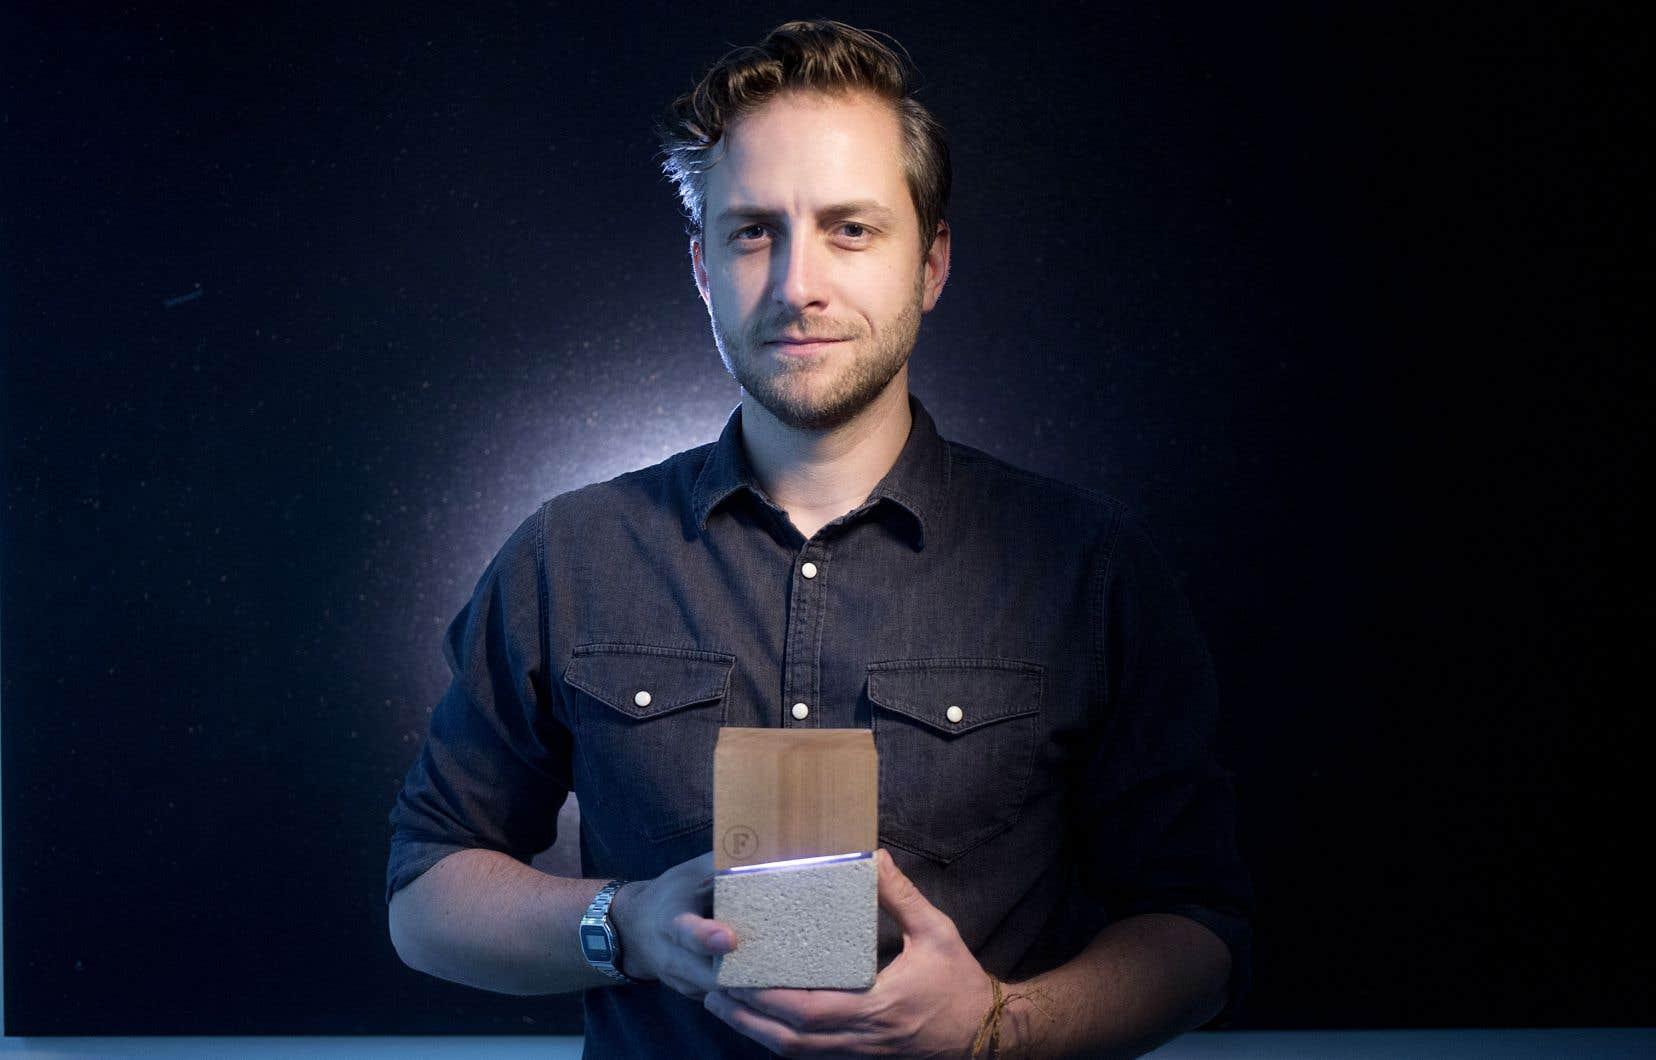 Le thanatologue et chef de l'entreprise Fragment, David Beaulieu, a créé l'objet connecté Concrete and Lightx pour faciliter le cheminement personnel du deuil.